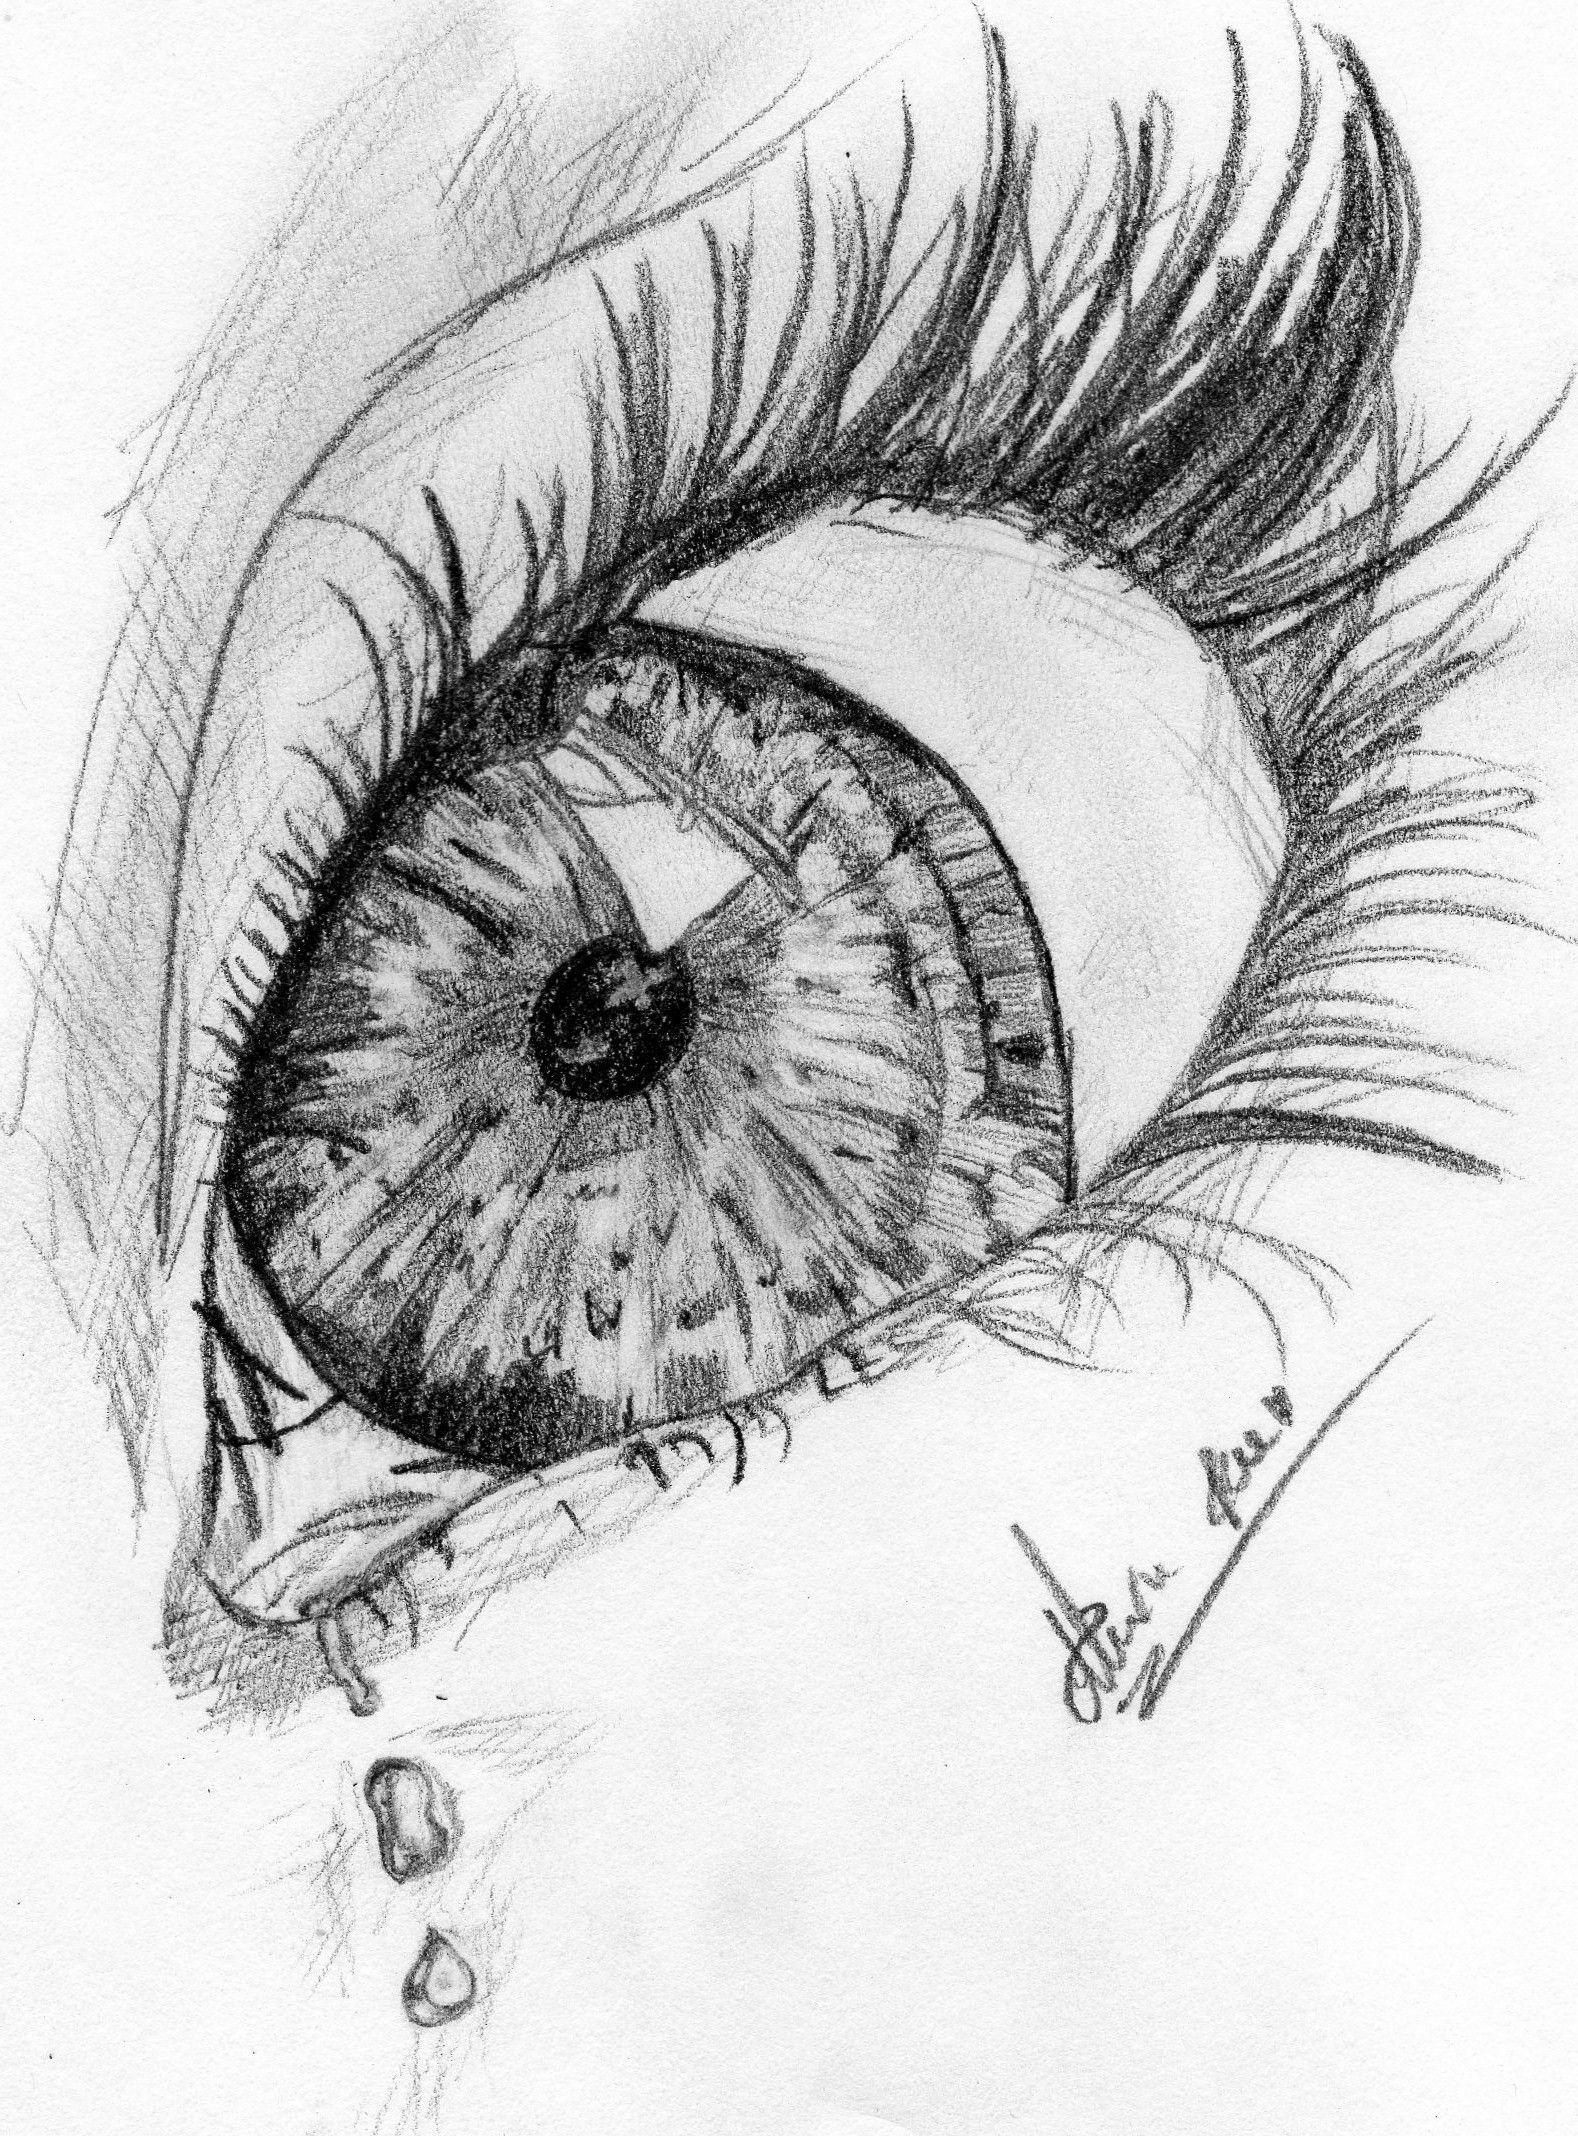 Sad eye by alexa gebhard